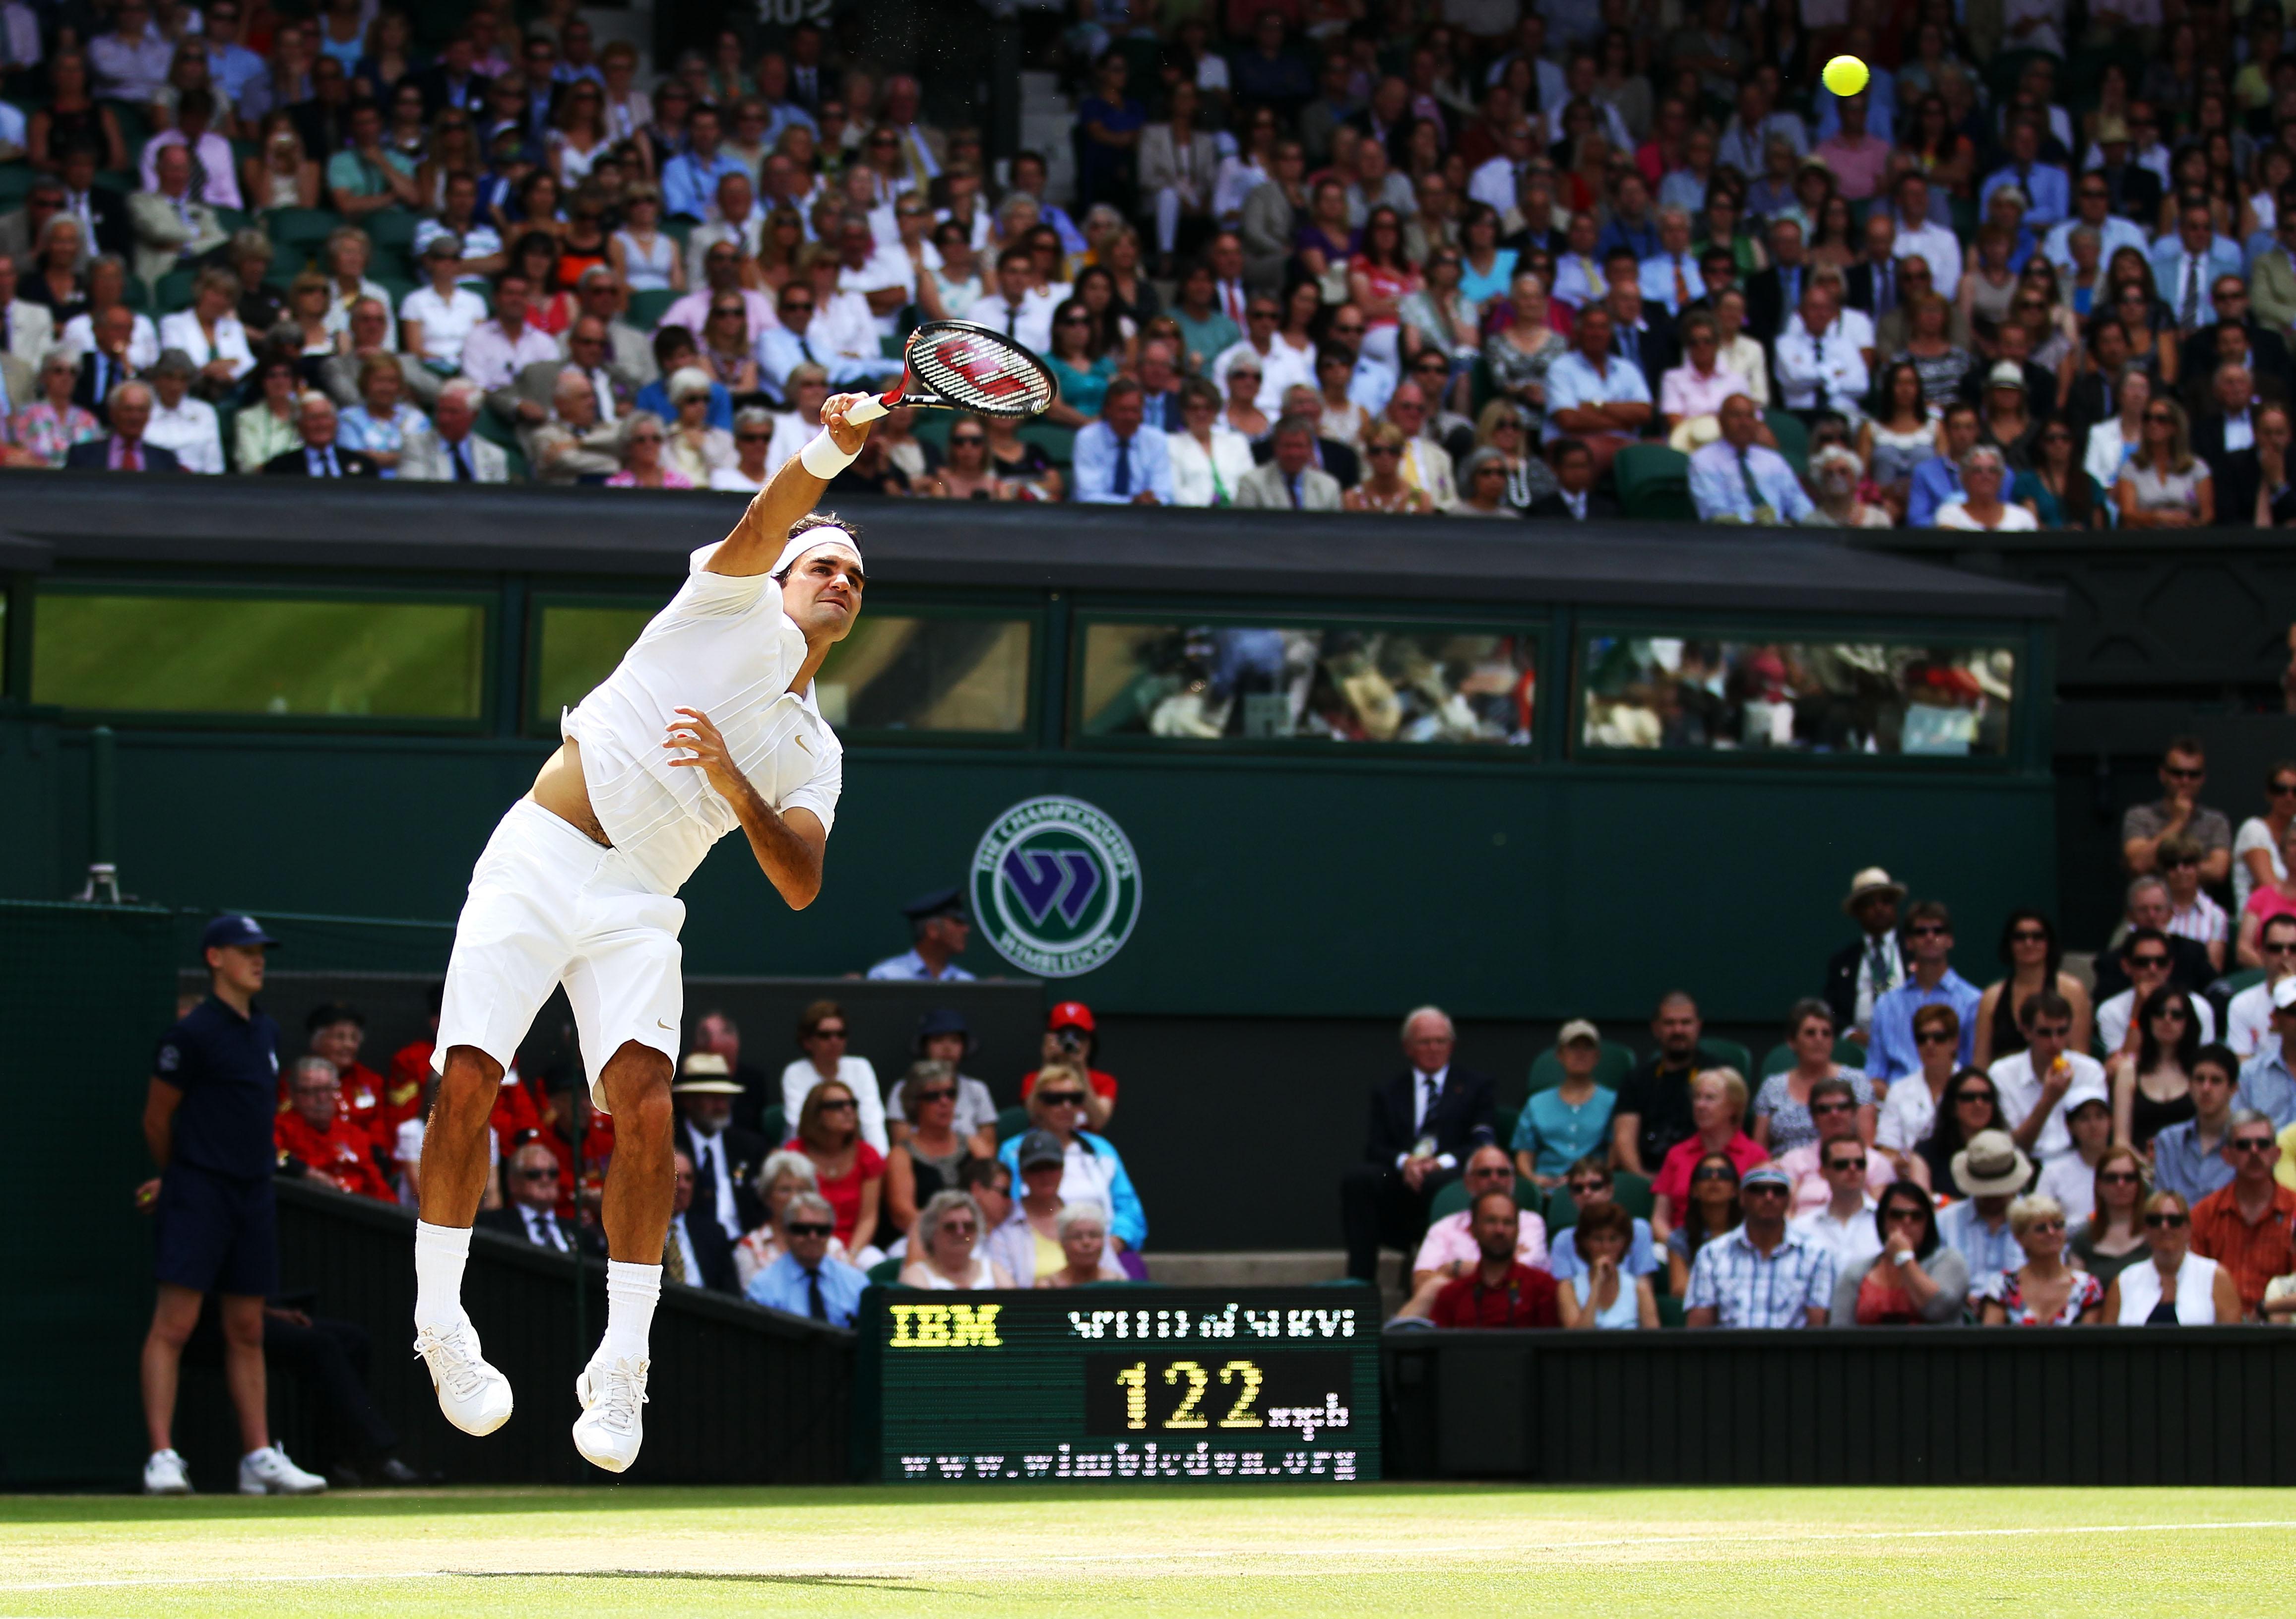 Roger Federer's second home - Wimbledon